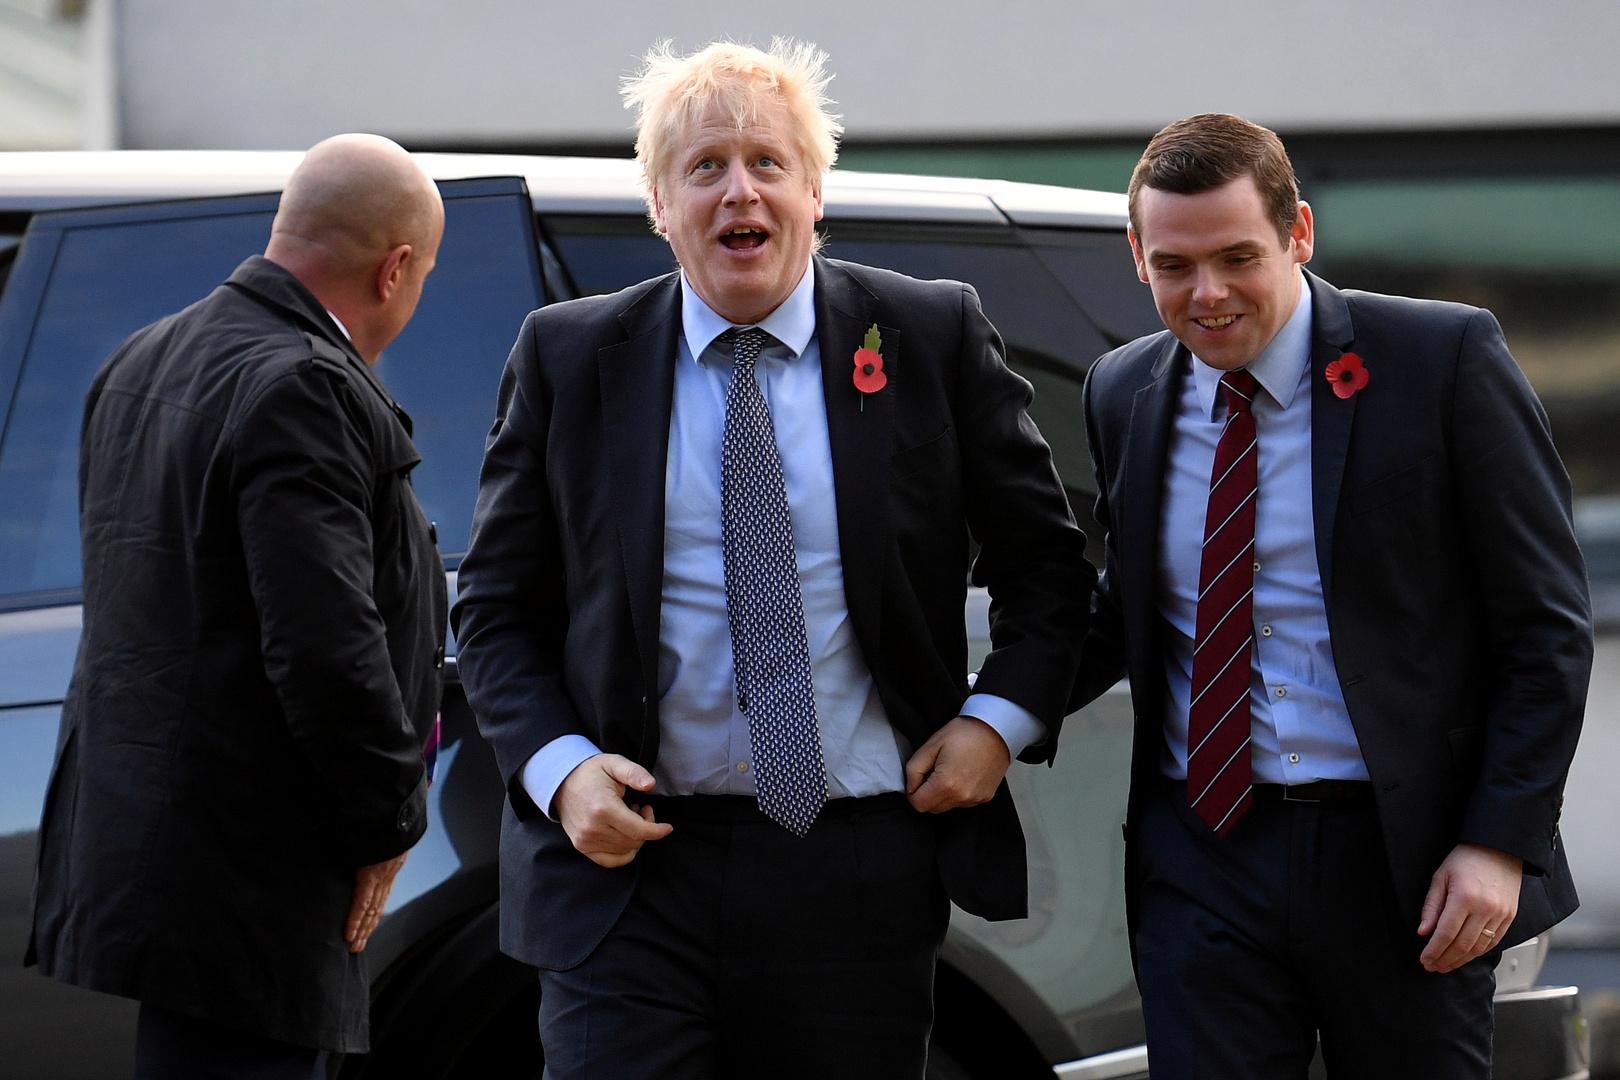 استقالة وزير في الحكومة البريطانية على خلفية خرق مستشار جونسون للعزل